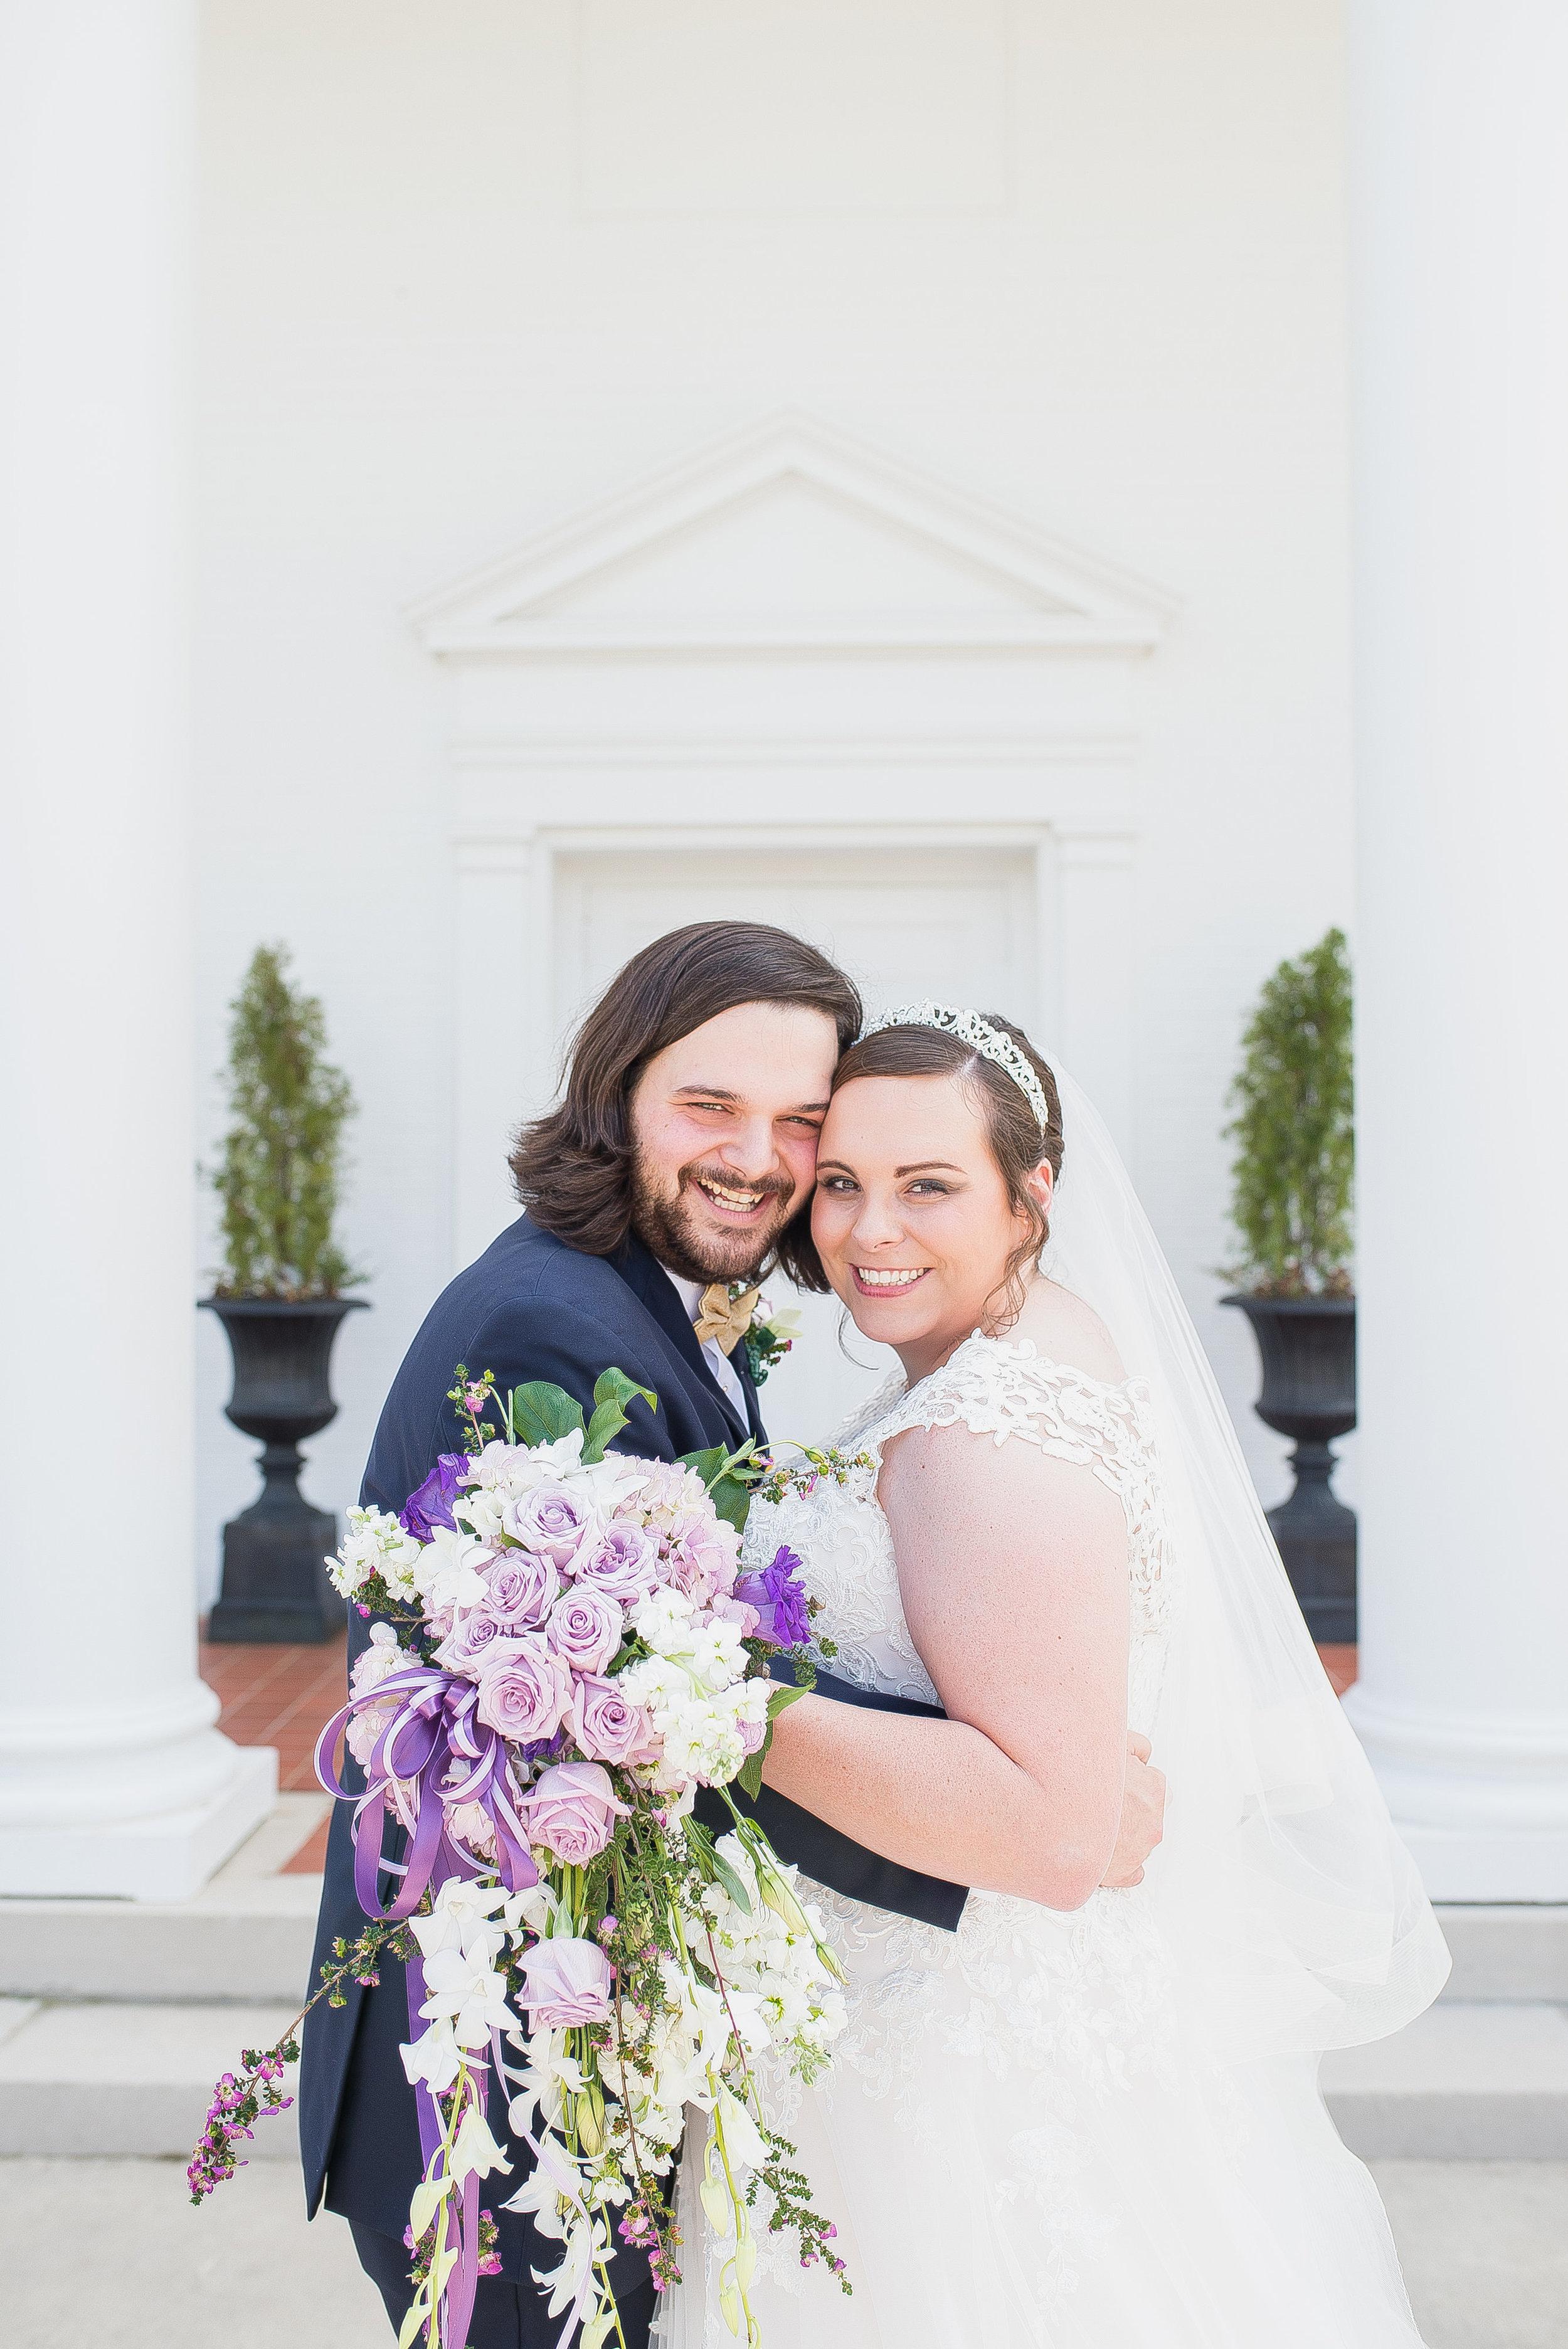 De Guire Wedding-post ceremony-0050.jpg